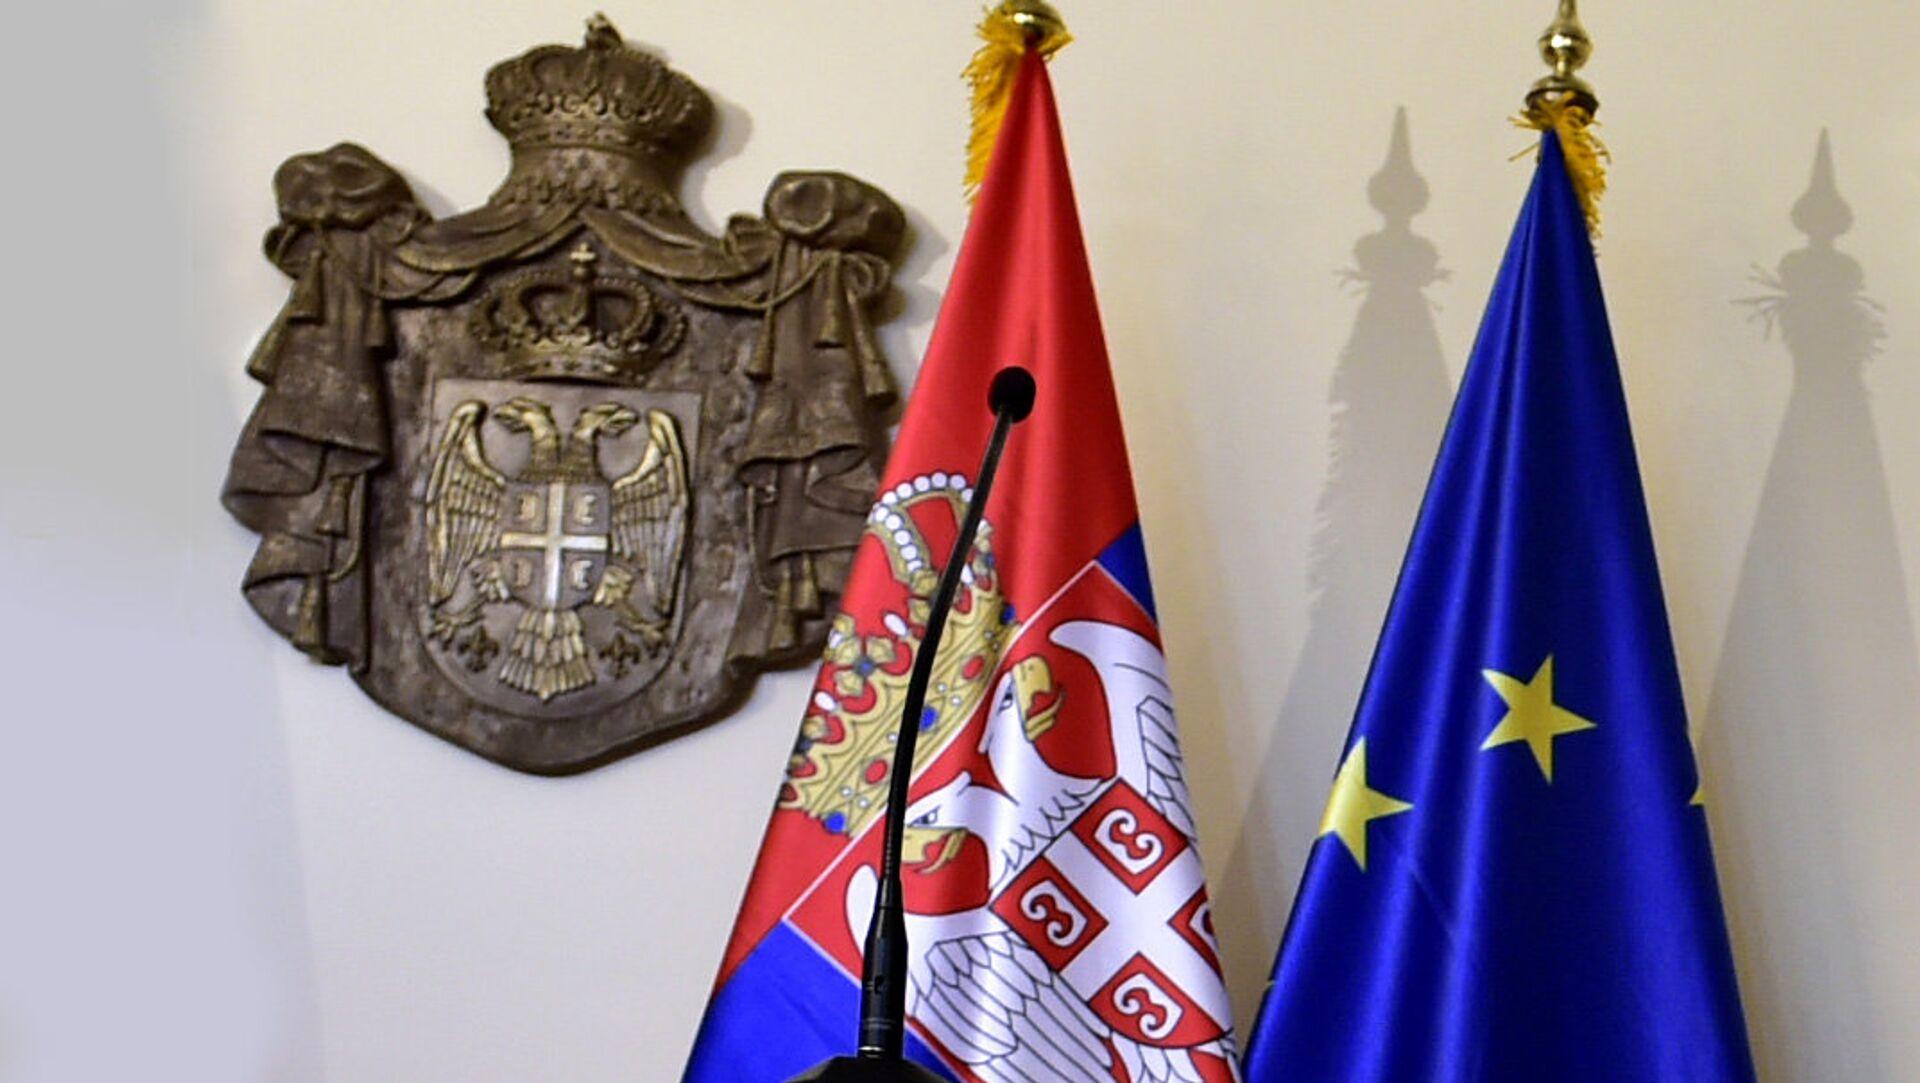 Заставе Србије и ЕУ - Sputnik Србија, 1920, 16.06.2021